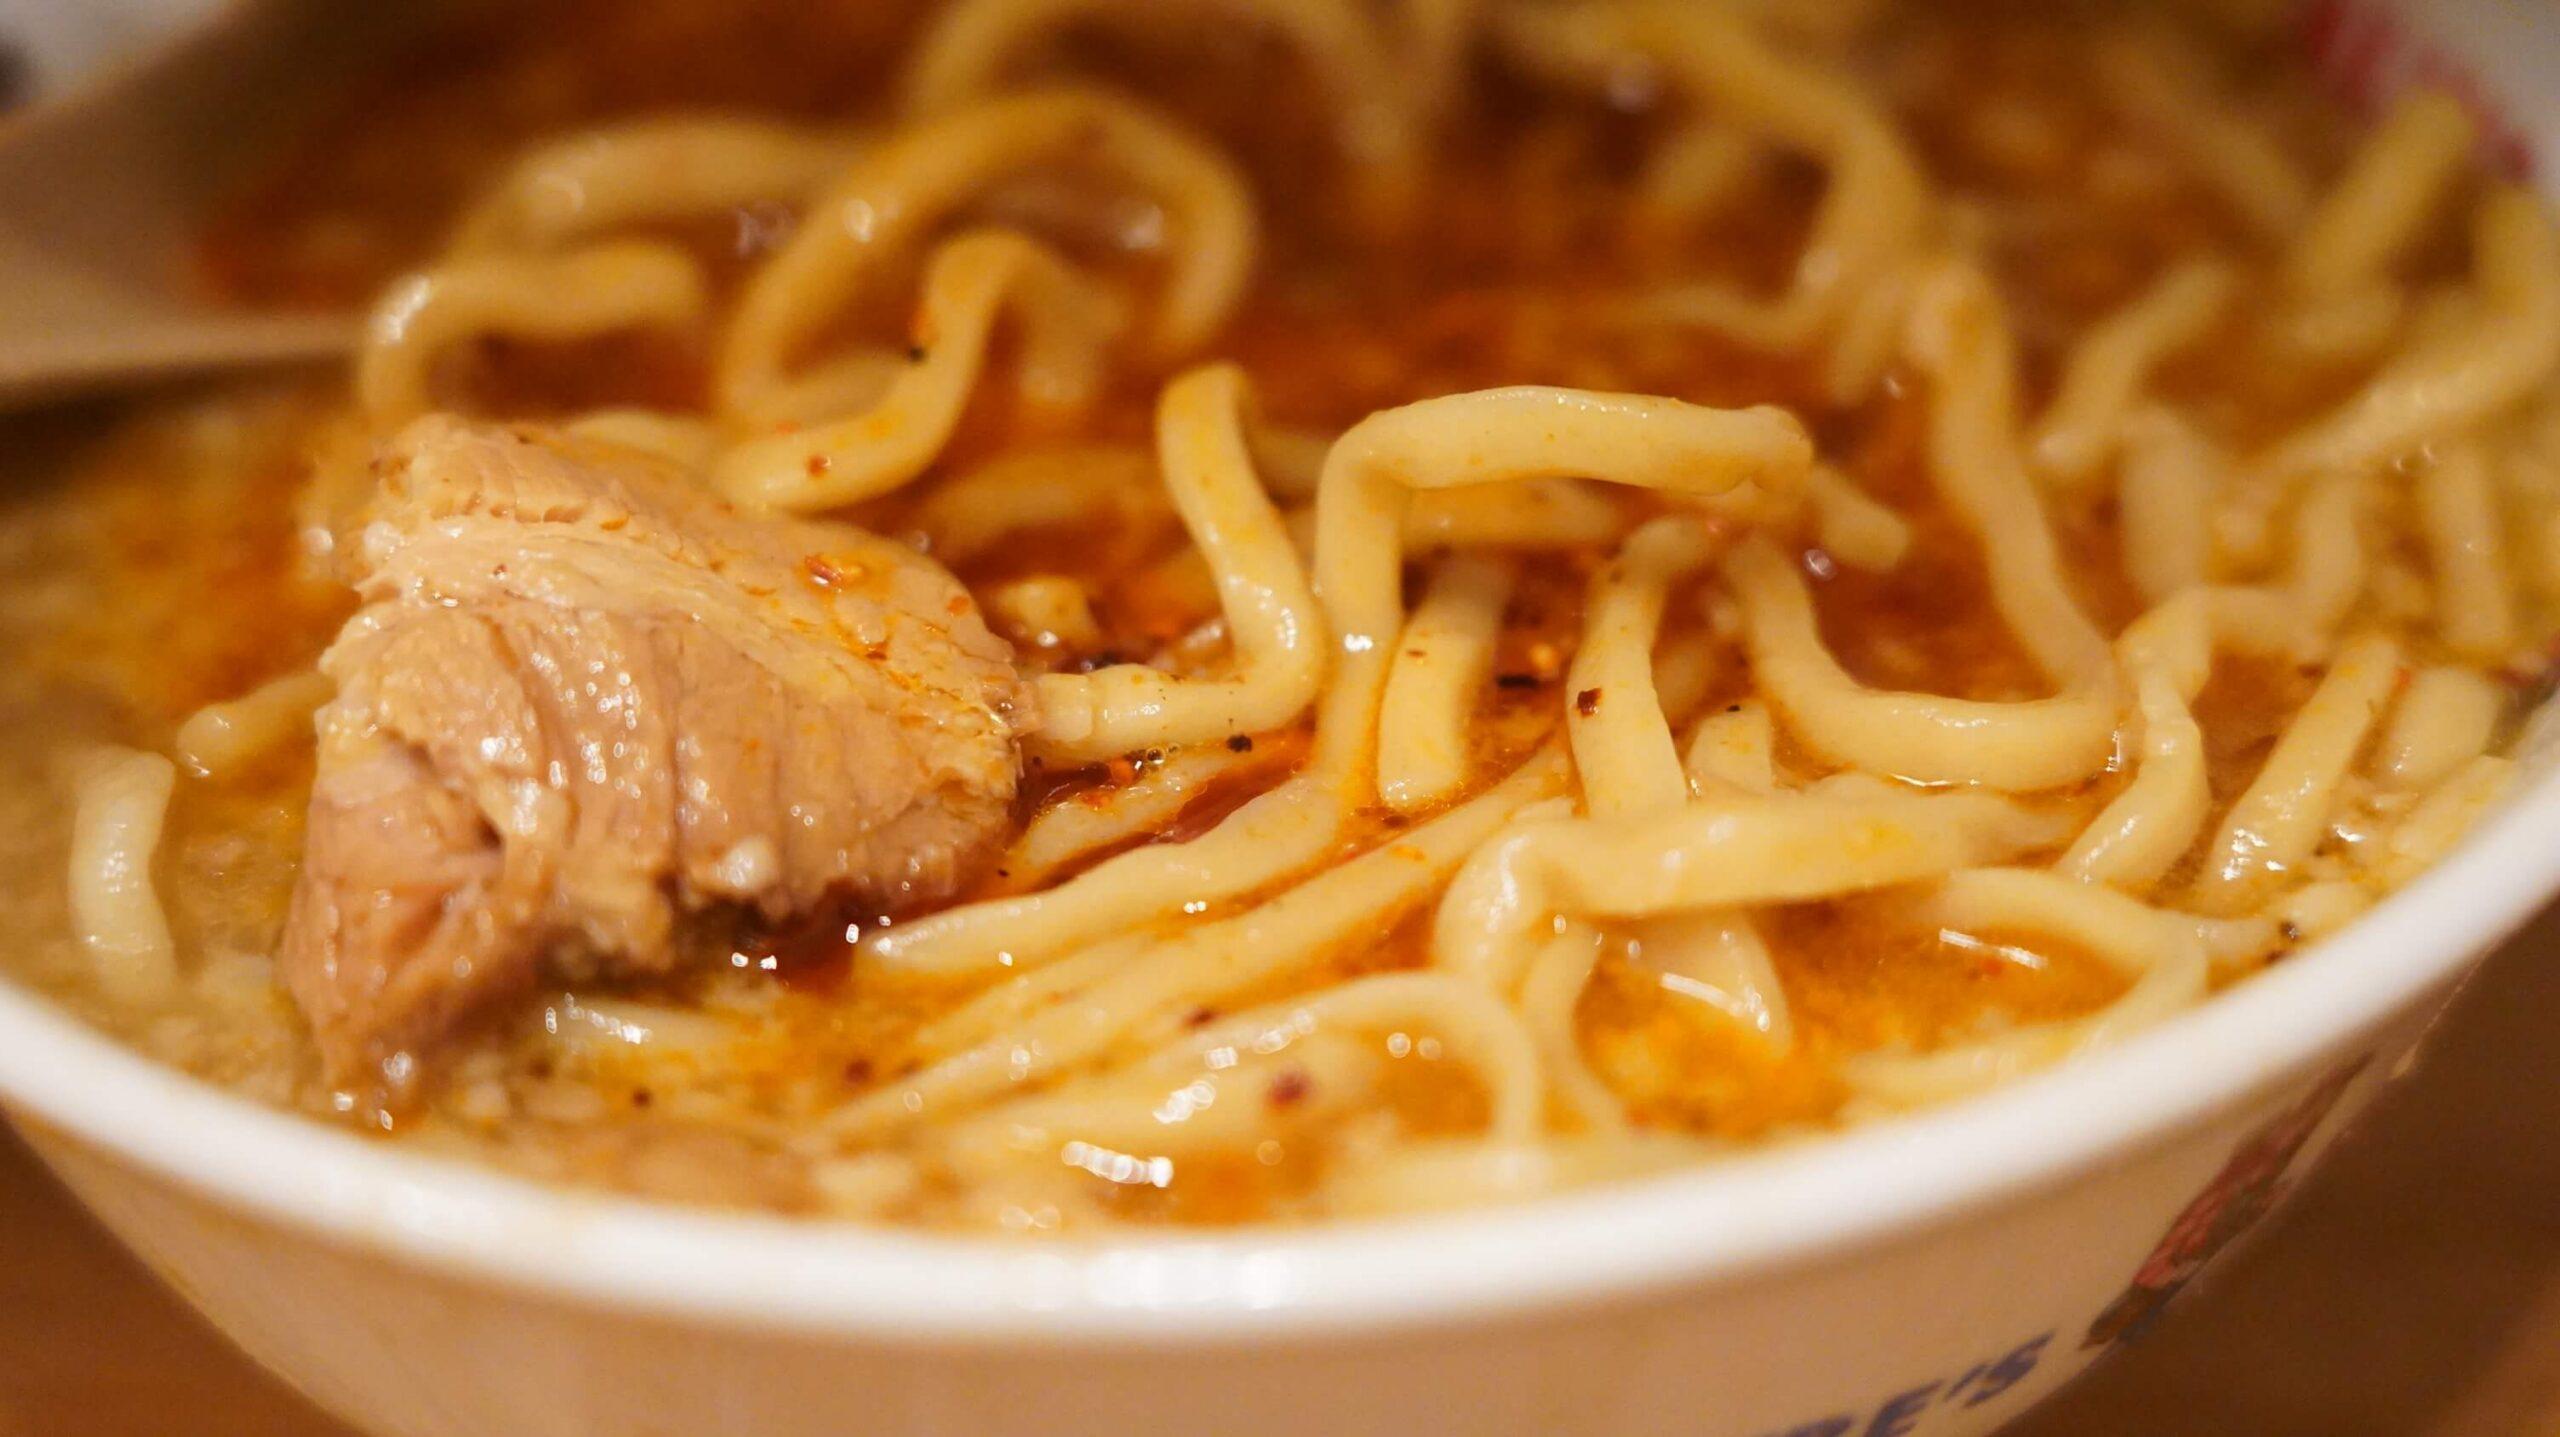 通販でお取り寄せした「バリ男」のラーメンの麺の拡大写真